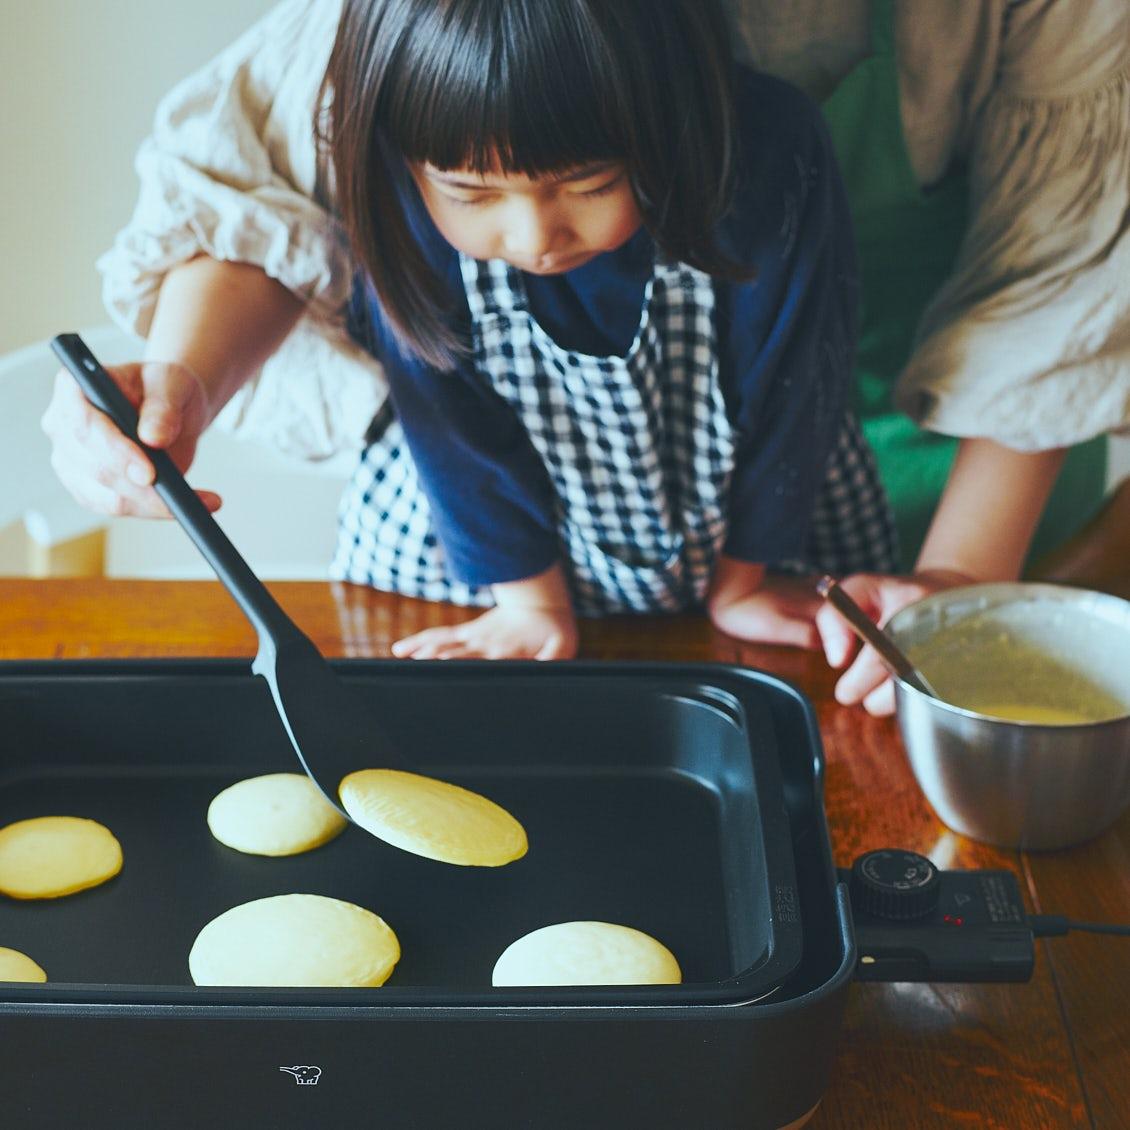 【お家ごはんのまんなかに】使いやすくて、見た目も好き。家族みんなが愛着を持てる「キッチン家電」があったなら